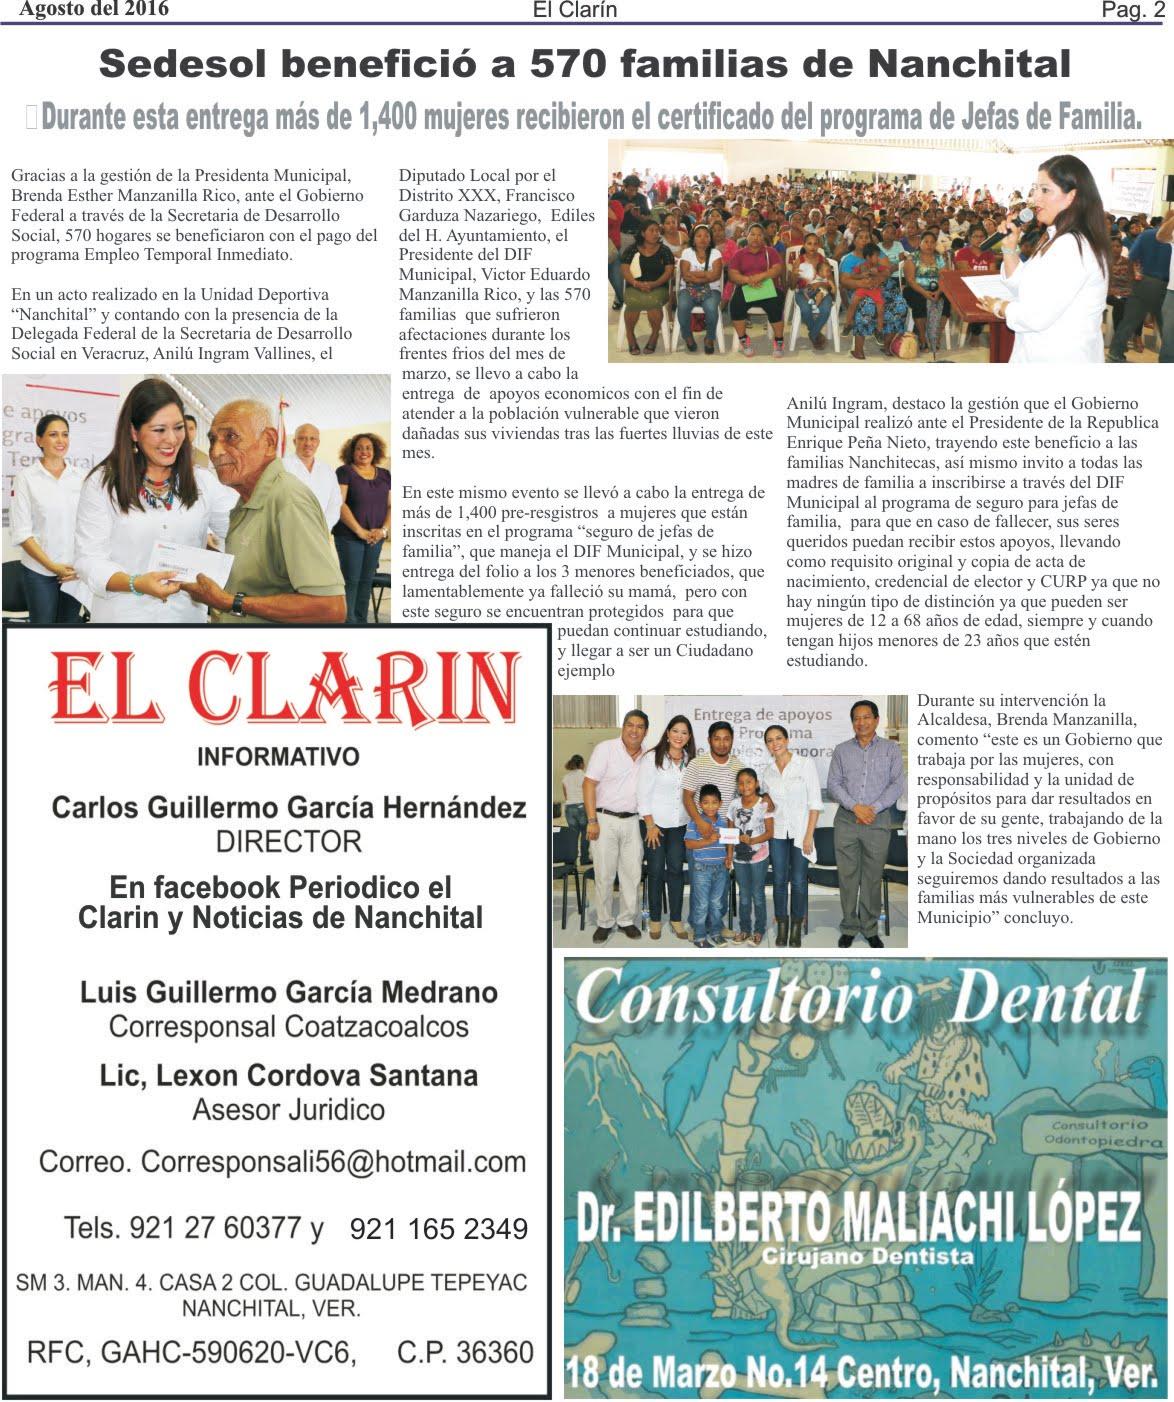 Periódico el Clarin